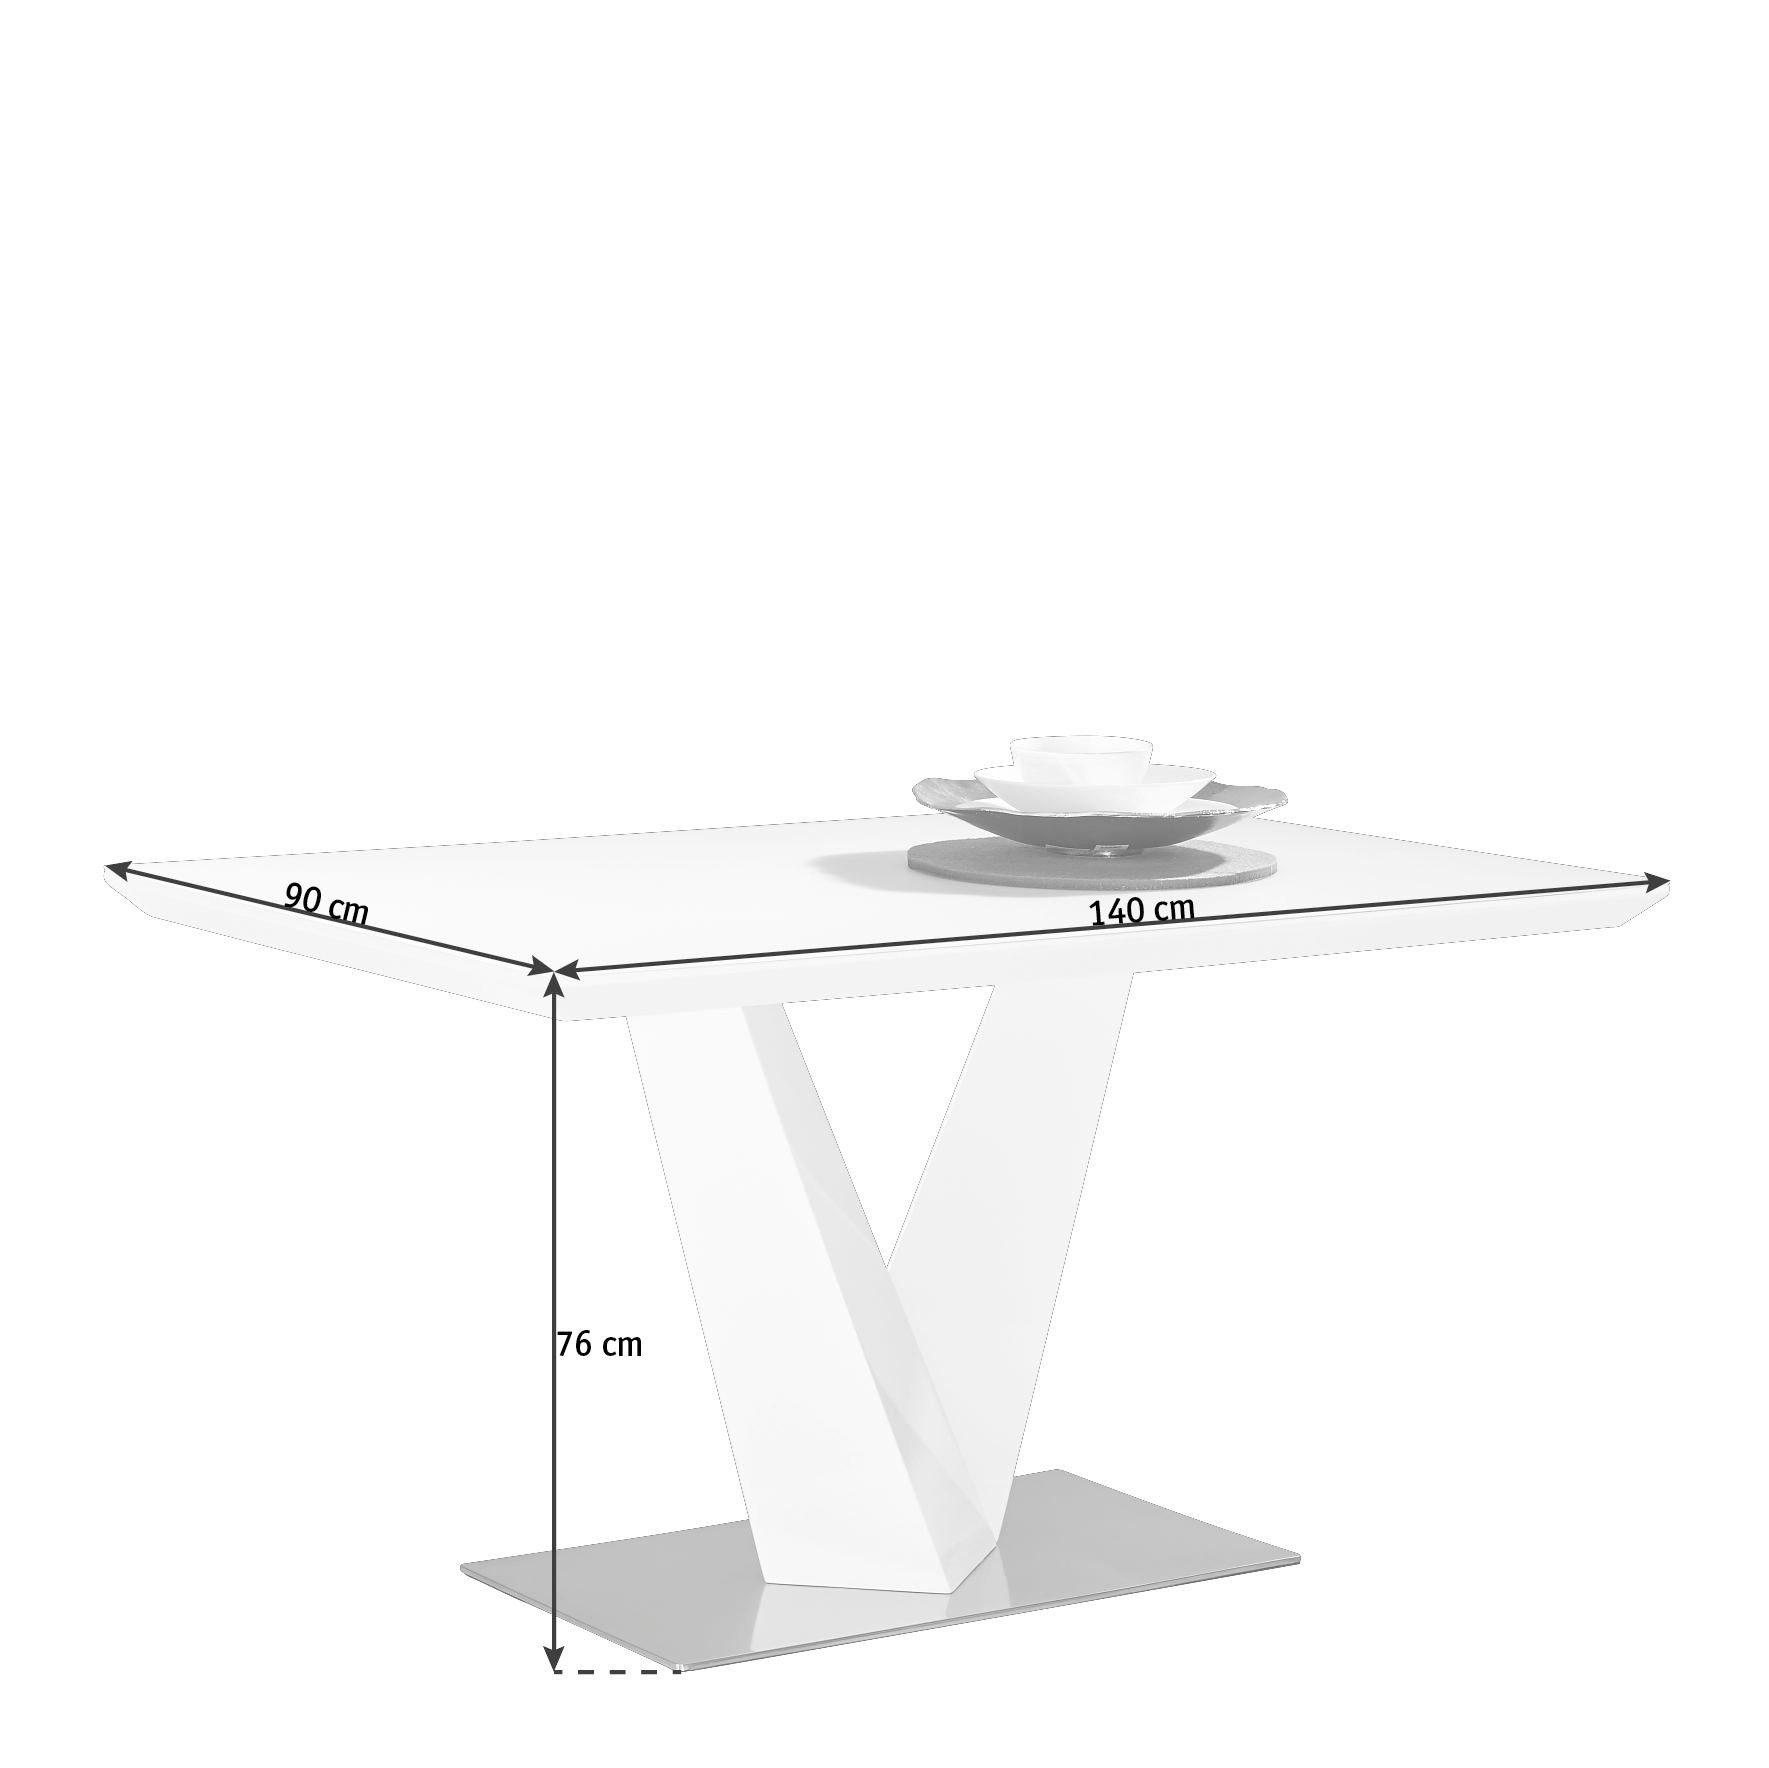 TRPEZARIJSKI STO - Bela/Boja nerđajućeg čelika, Dizajnerski, Metal/Staklo (140/76/90cm) - Novel